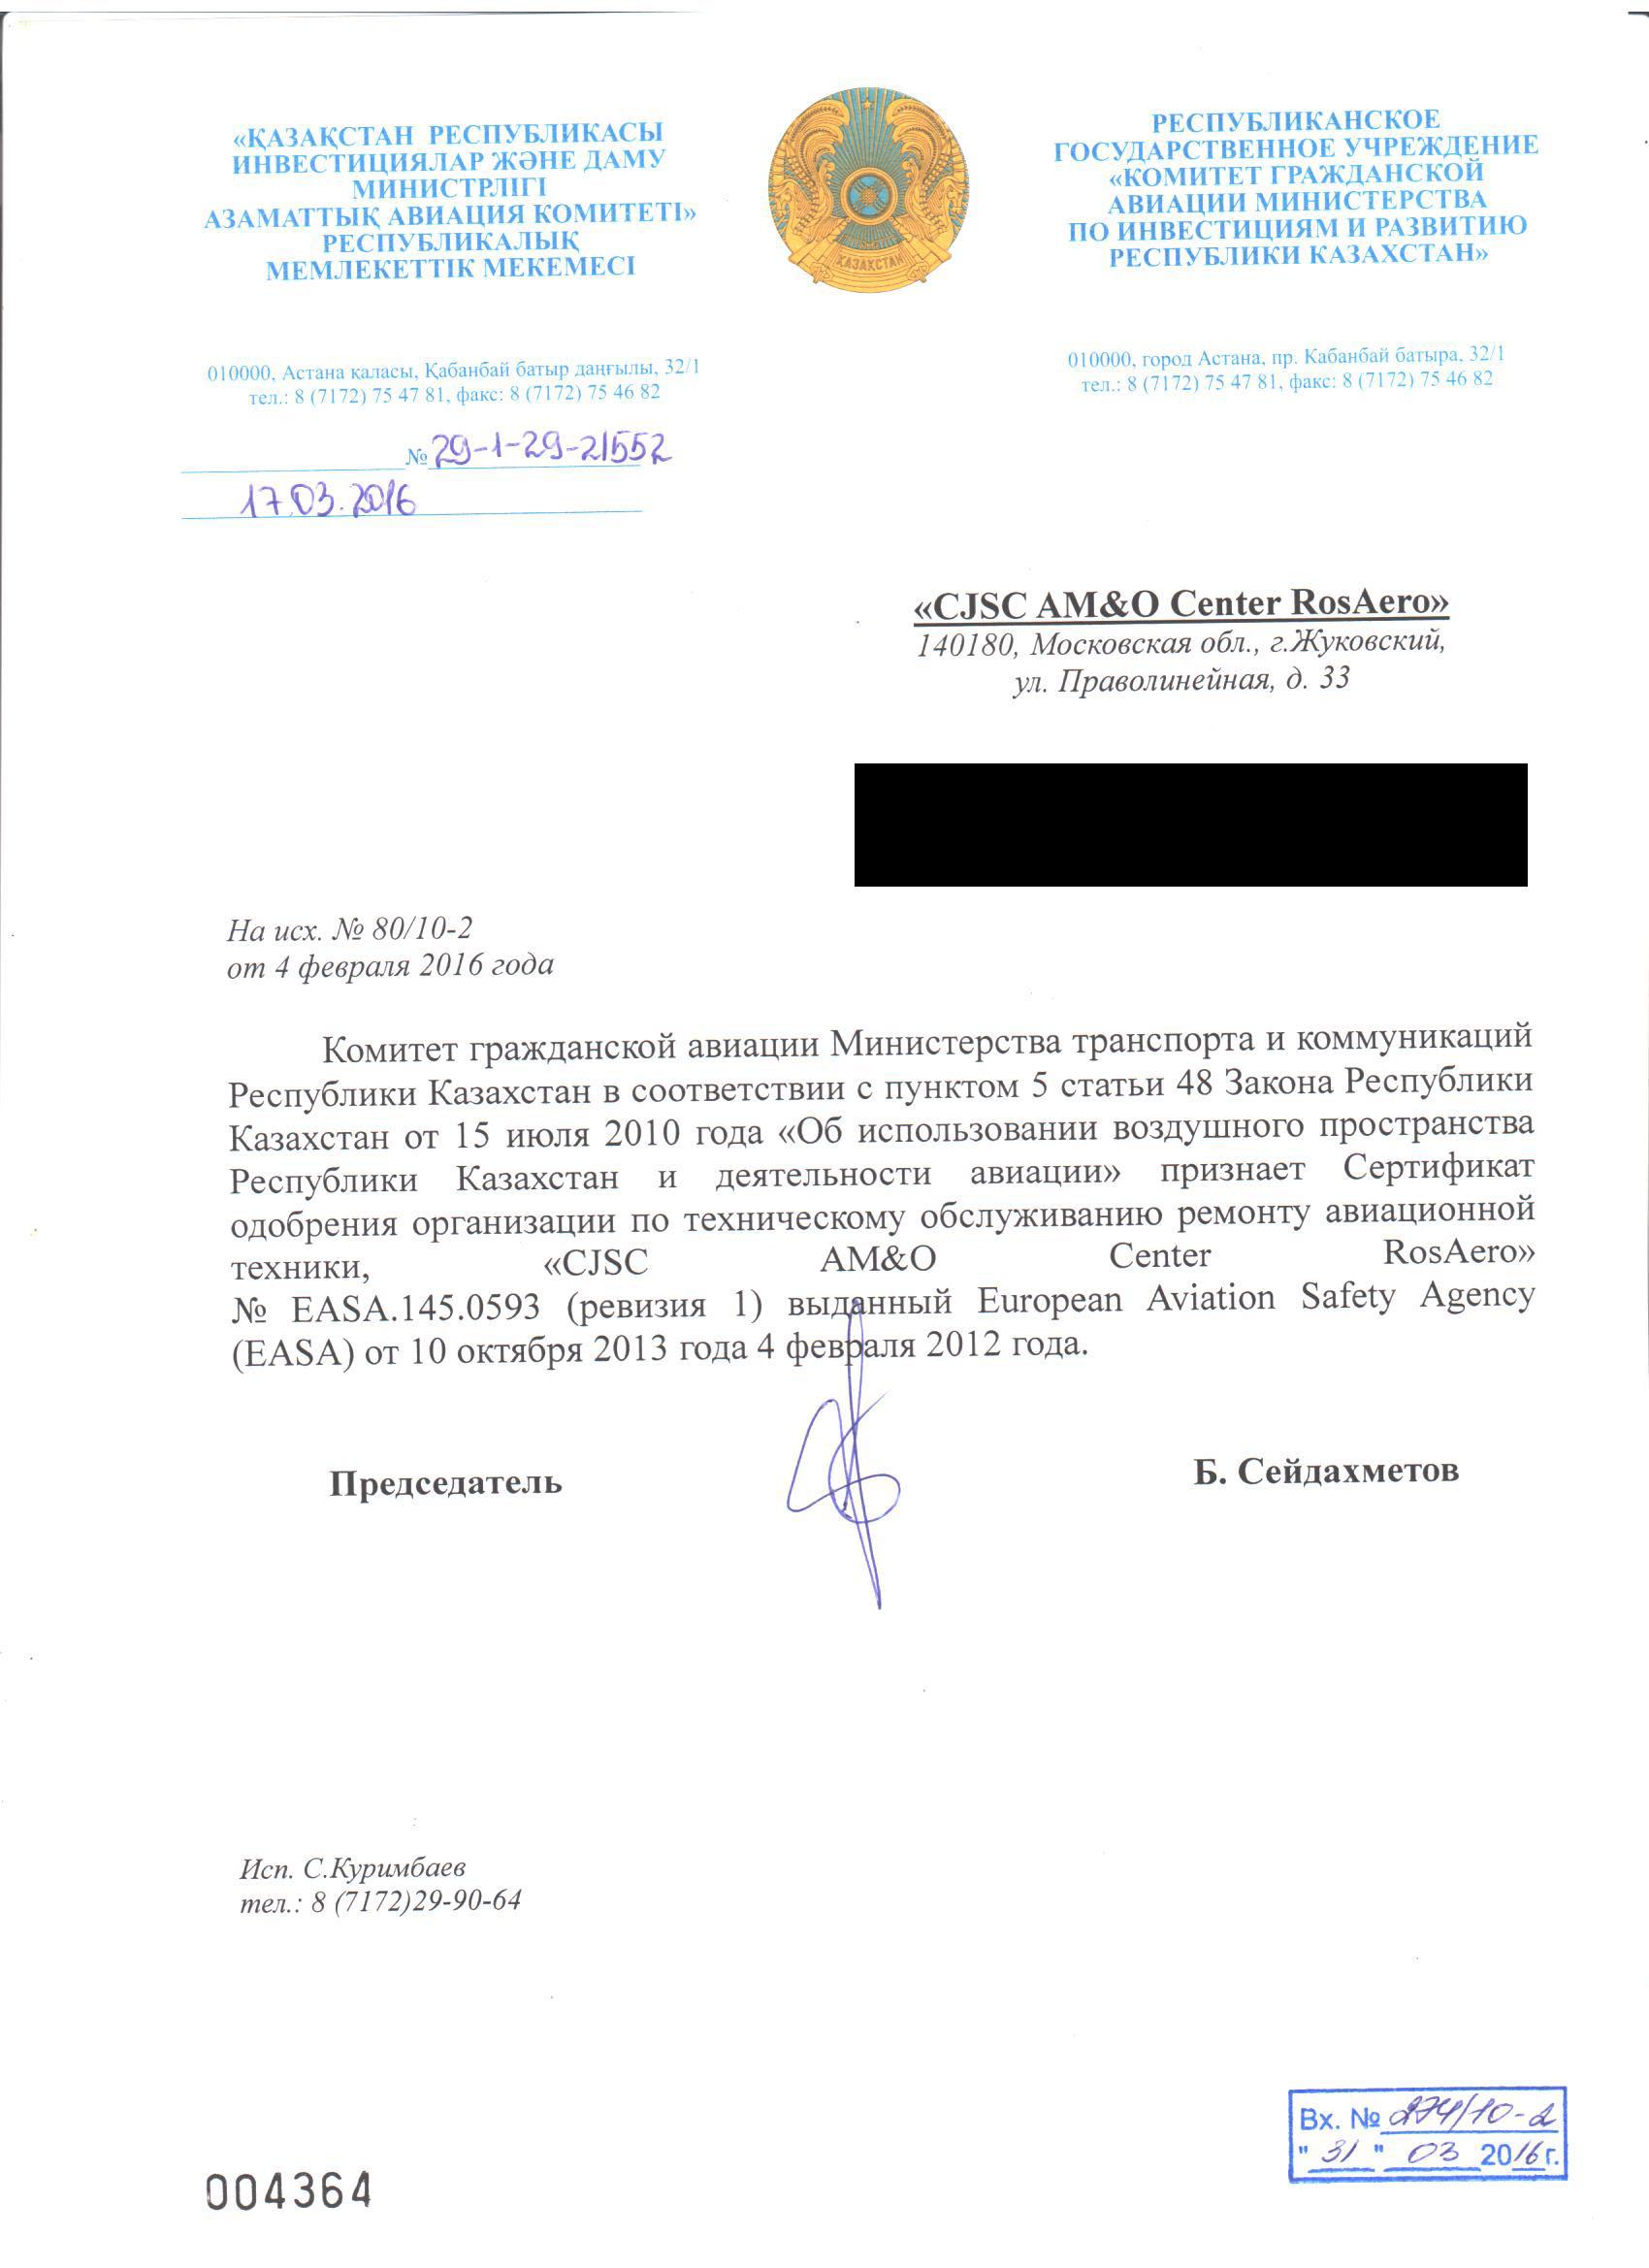 """25.04.2016 г. Комитет гражданской авиации Республики Казахстан признал Сертификат одобрения ЗАО """"РосАэро"""""""